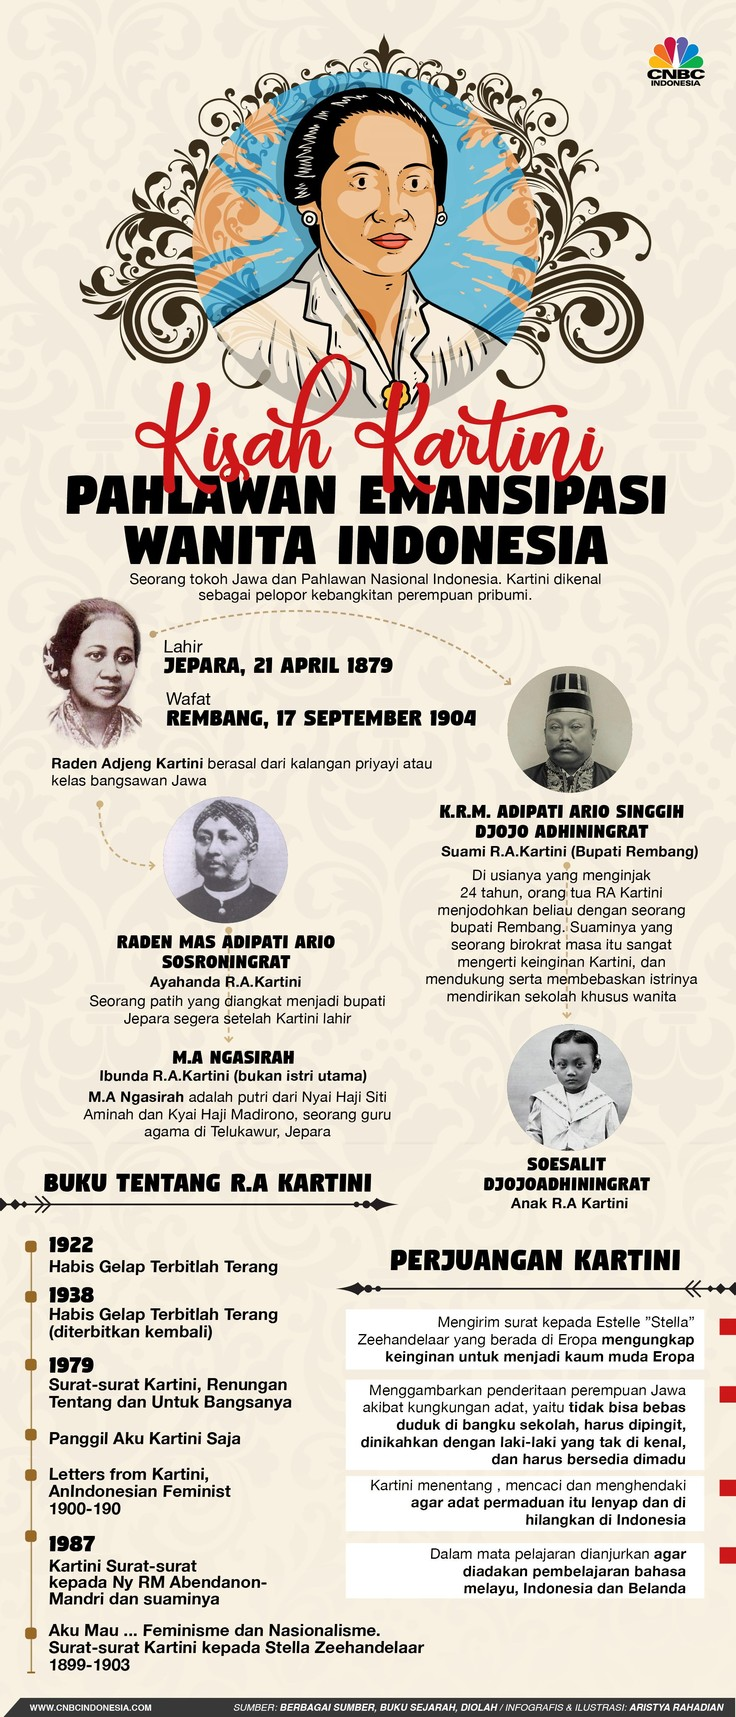 Kartini, sosok pionir gerakan emansipasi wanita.